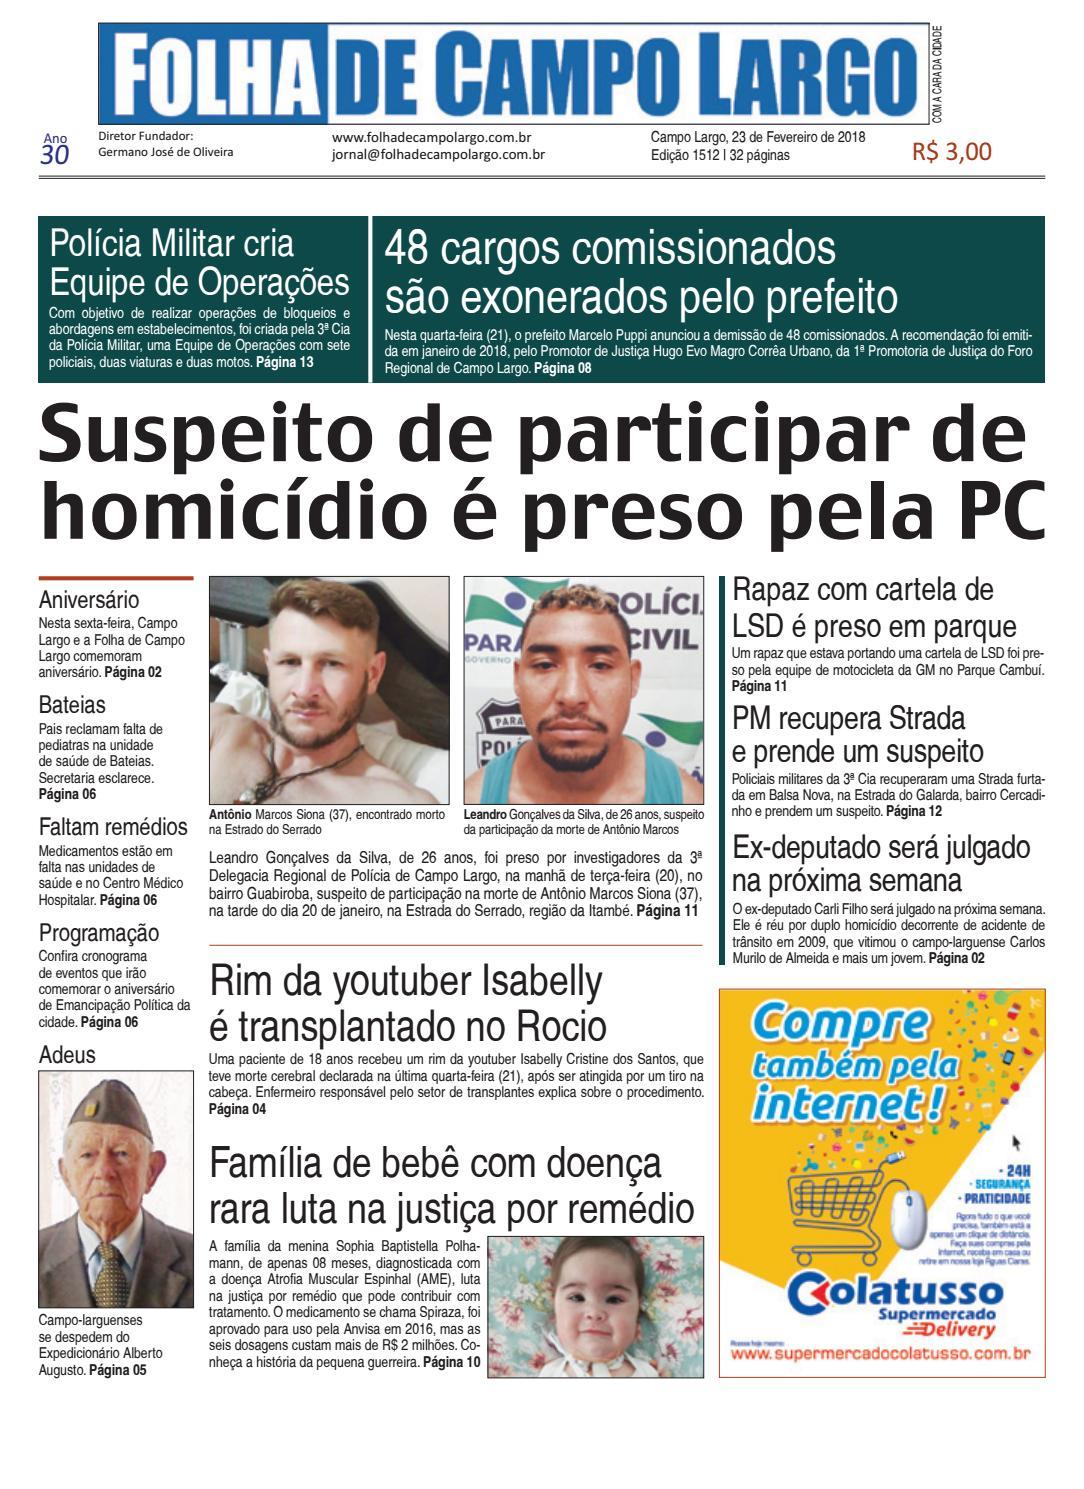 8de92abc5ba93 Folha de Campo Largo by Folha de Campo Largo - issuu